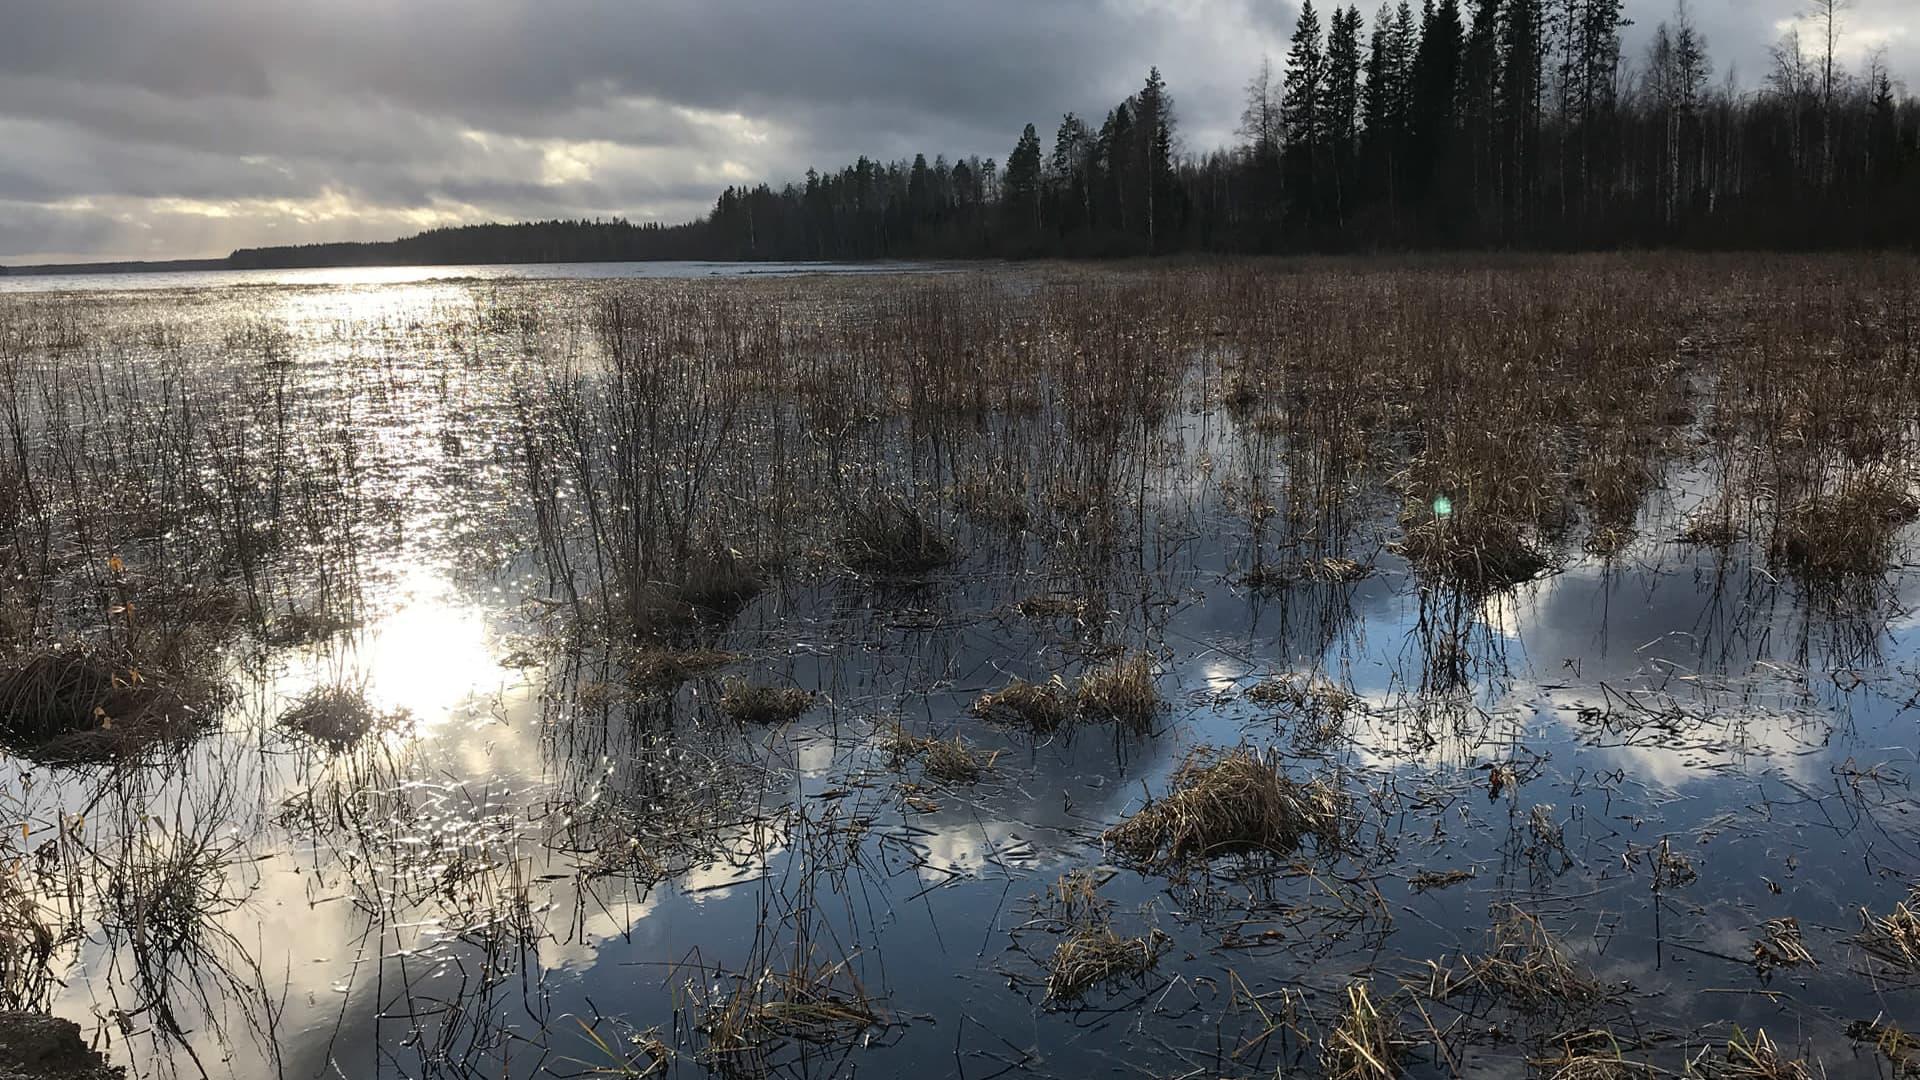 Kuivasjärven pohjoispään rehevöitynyttä rantaa Parkanossa